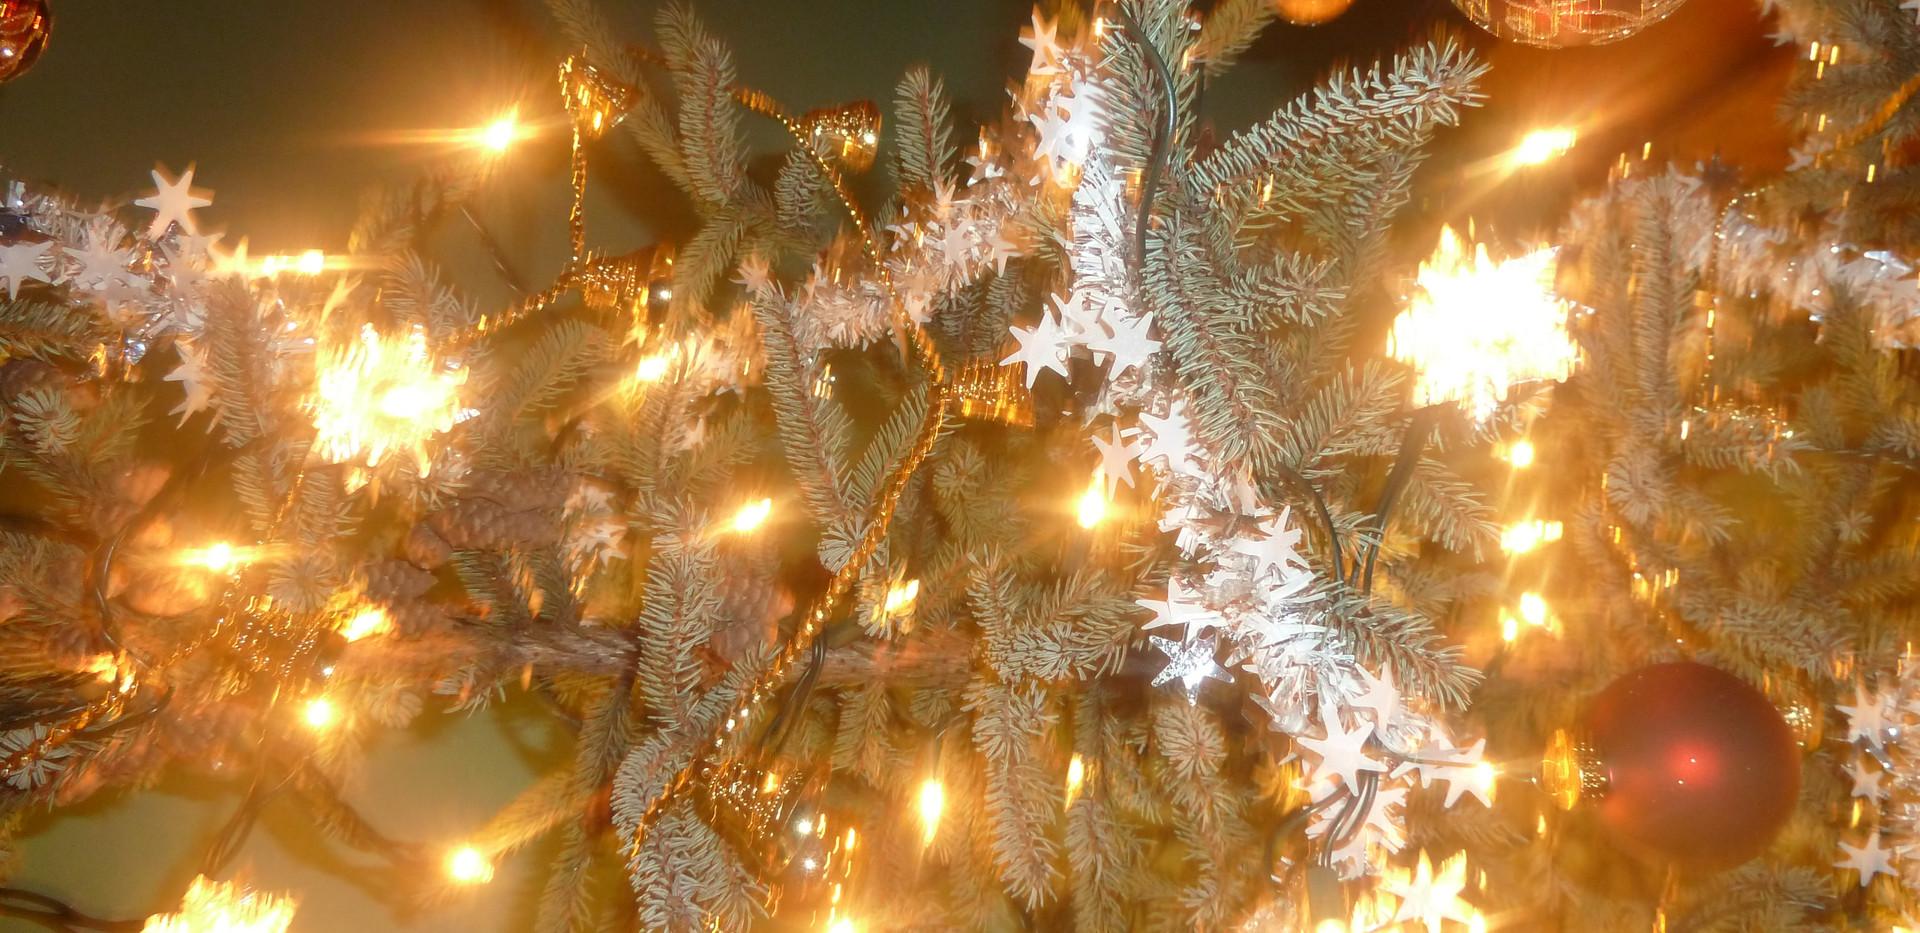 Chalet à louer au Québec | face au lac | 4 saisons Le Cocooning L'Ascension | Noël au chalet